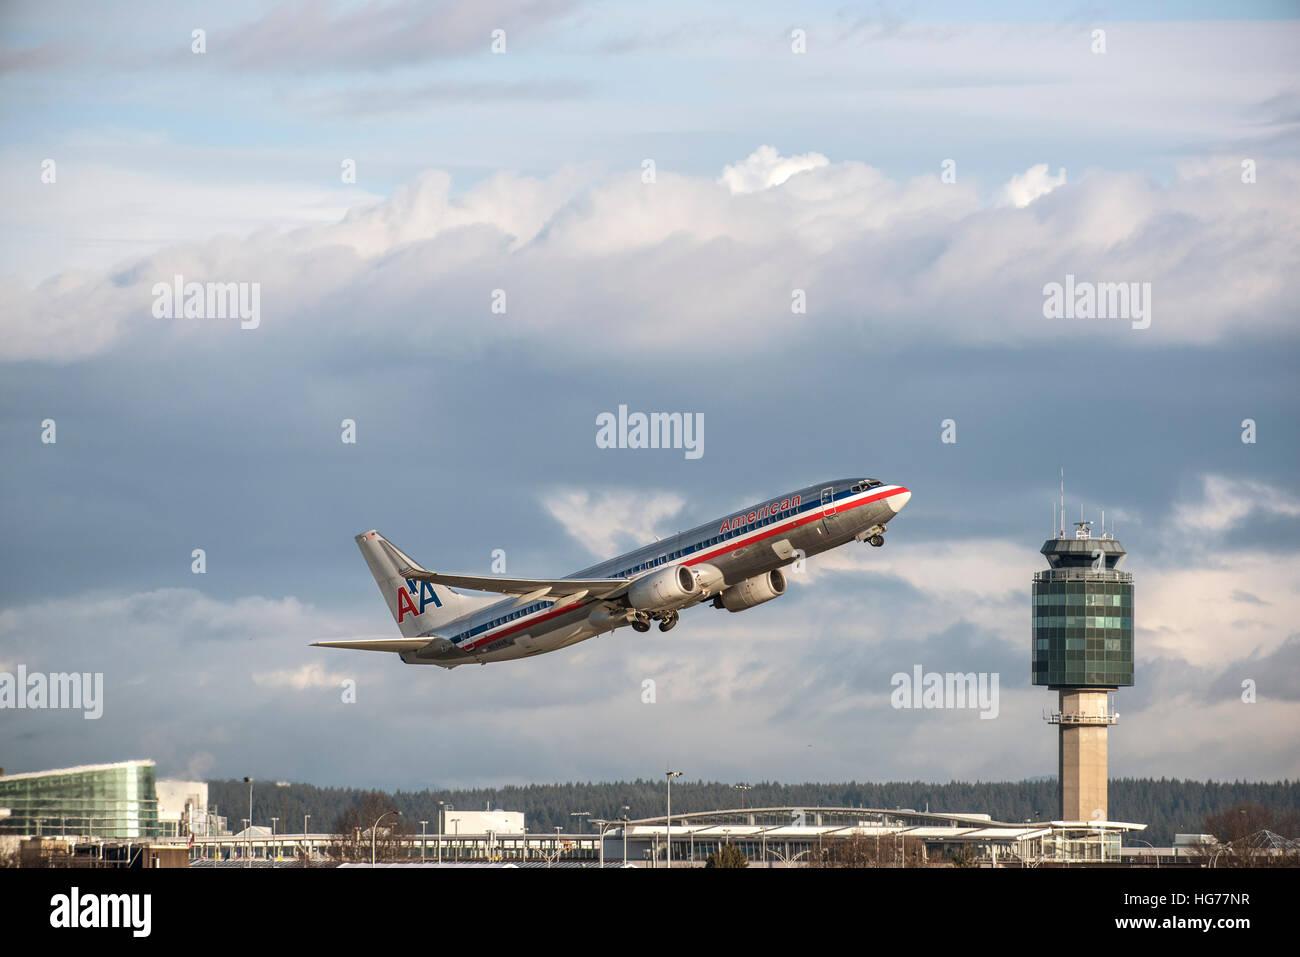 American Airlines Boeing 737-823 airborne dopo il decollo dall'Aeroporto Internazionale di Vancouver. Foto Stock